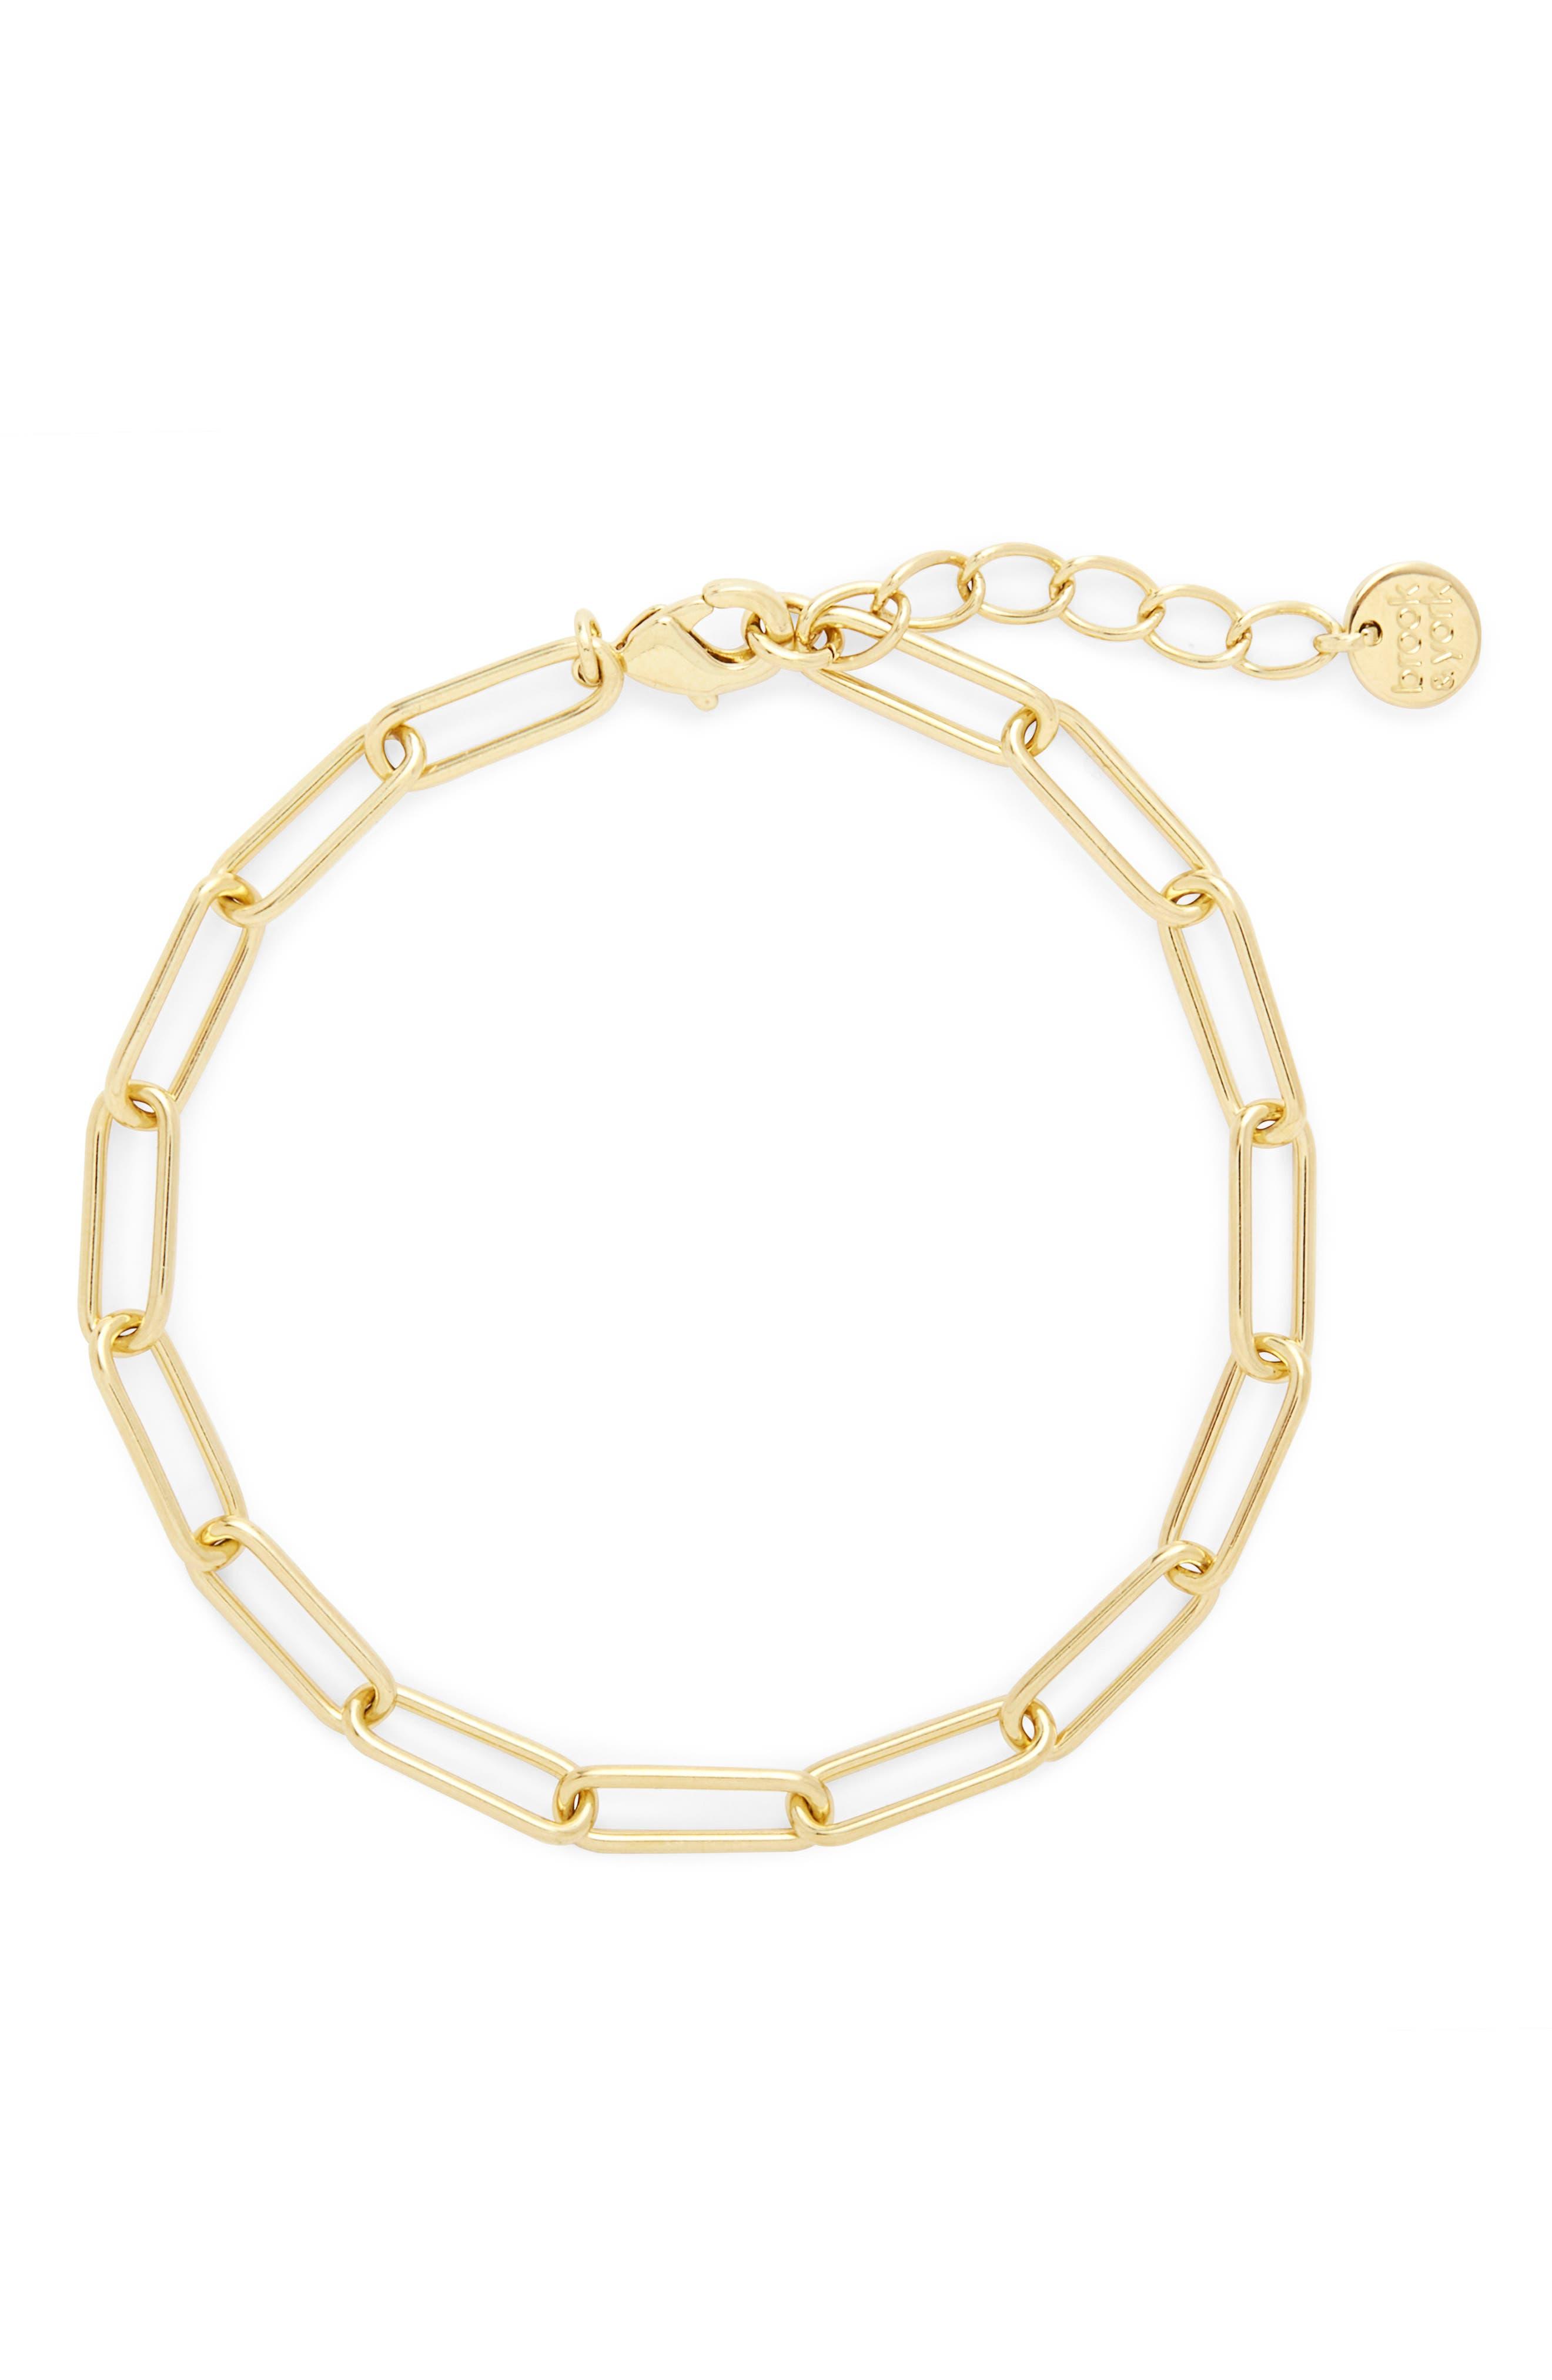 Colette Cable Chain Bracelet